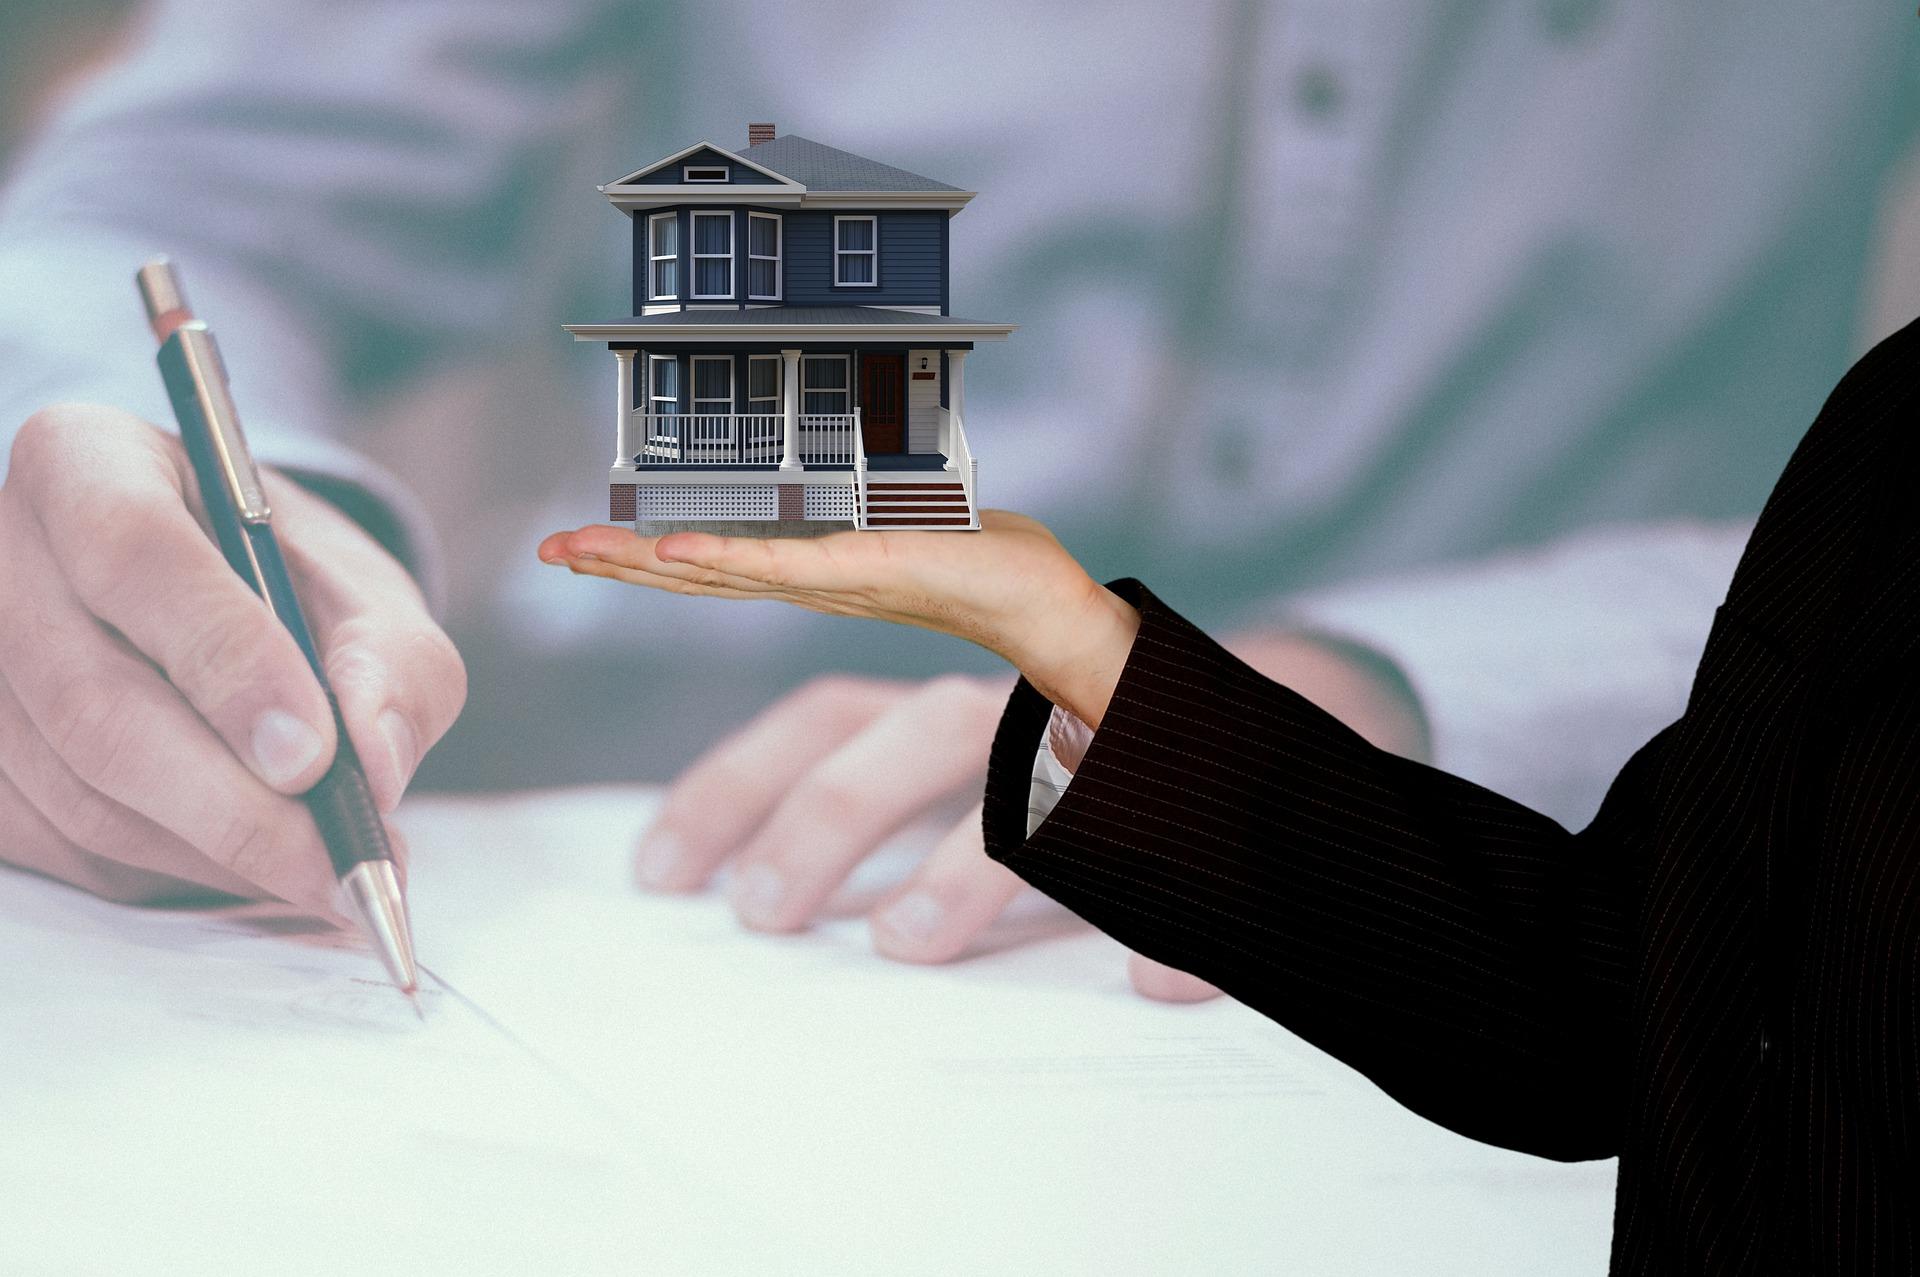 Sprzedajesz nieruchomość - co powinieneś wiedzieć